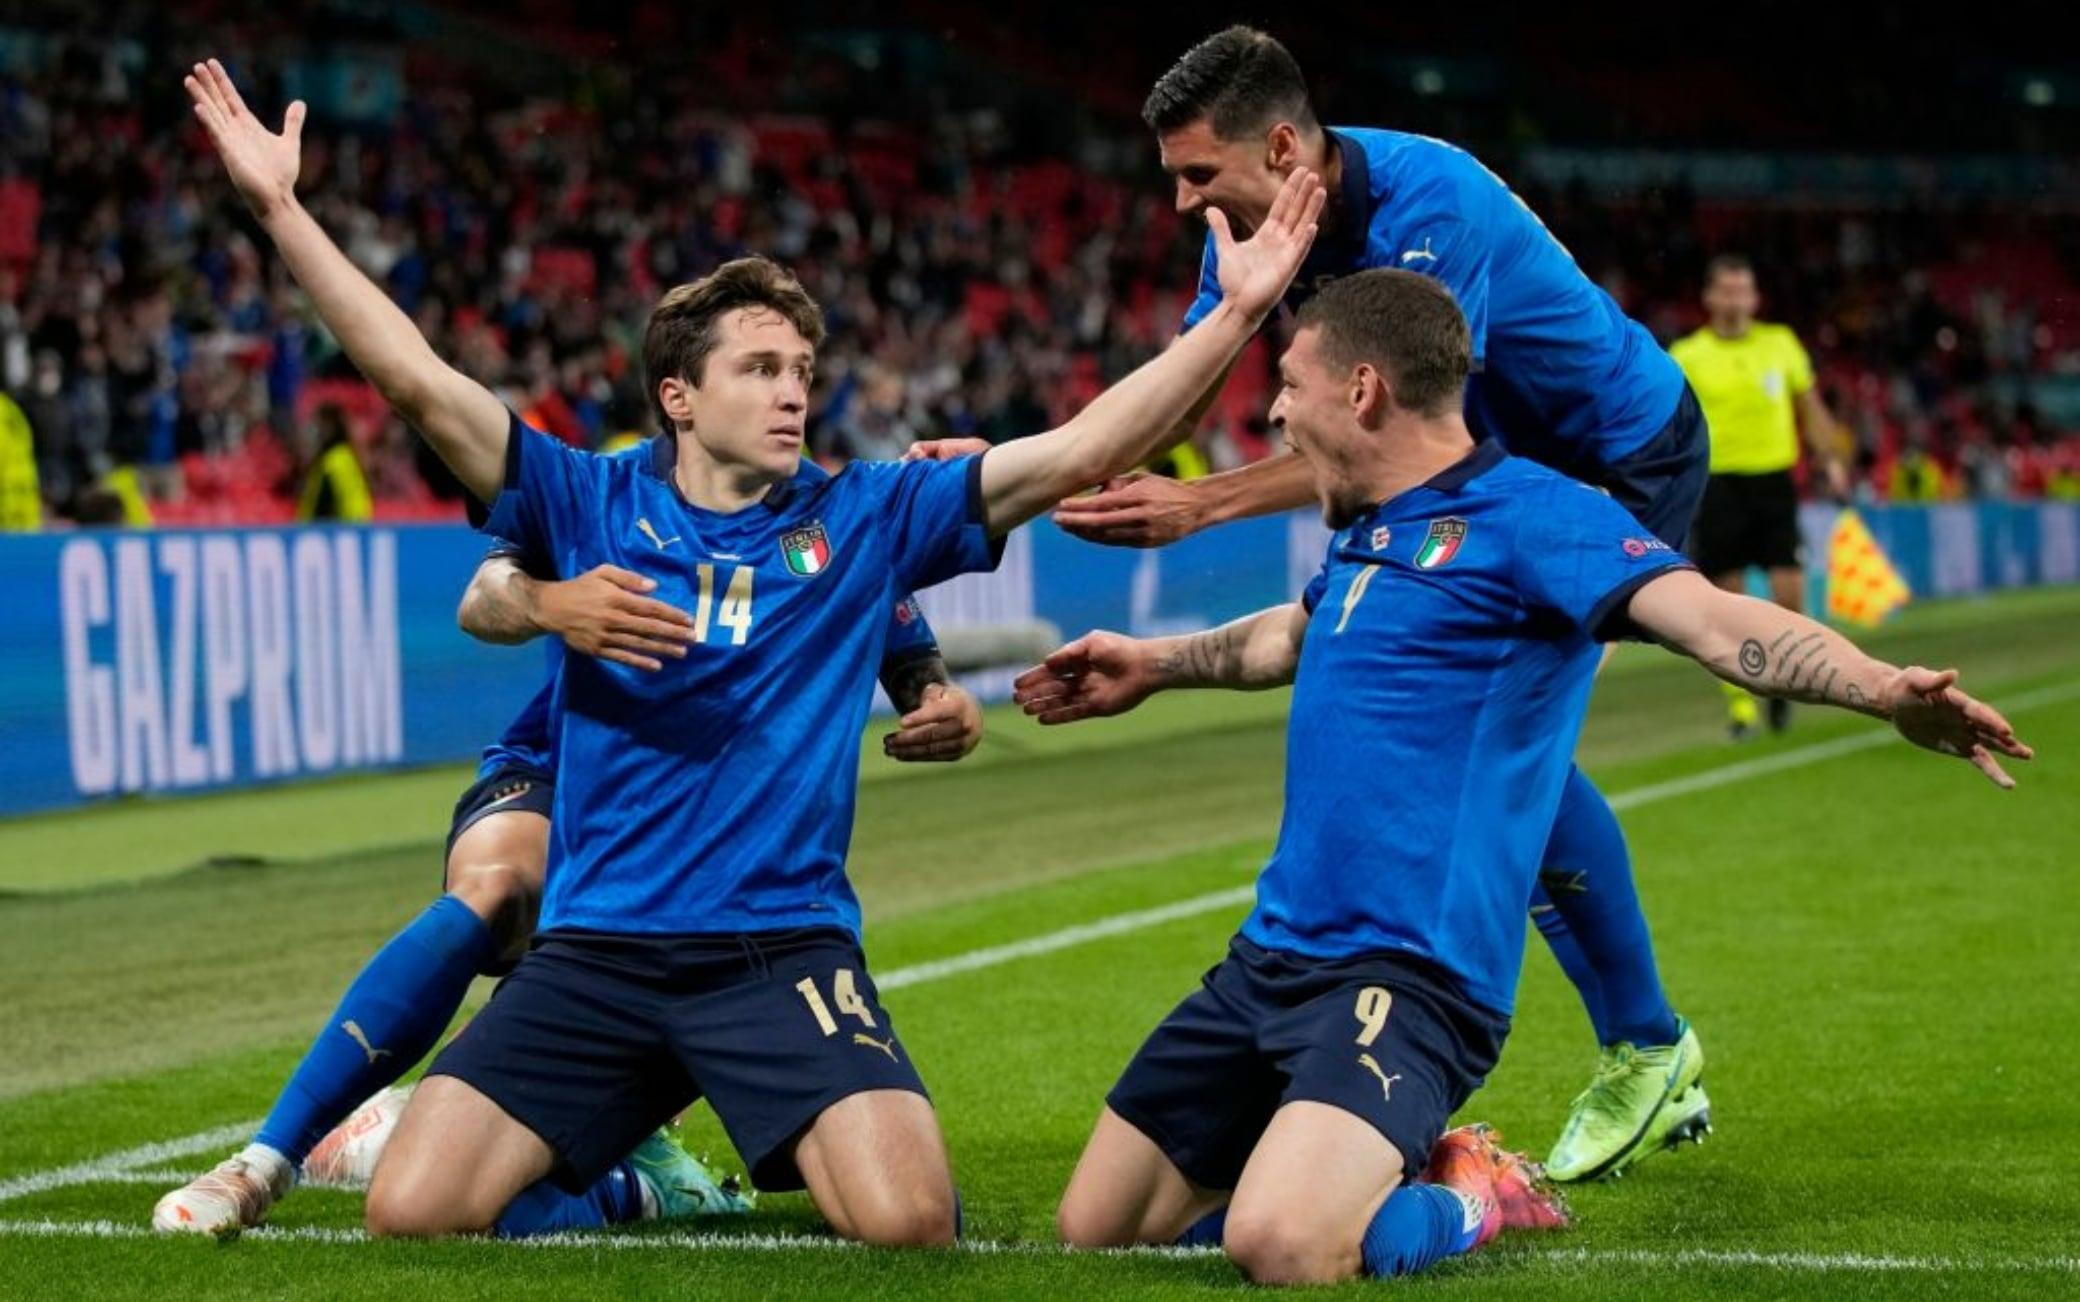 Italia Austria, formazioni ufficiali e risultato in diretta live | Sky Sport